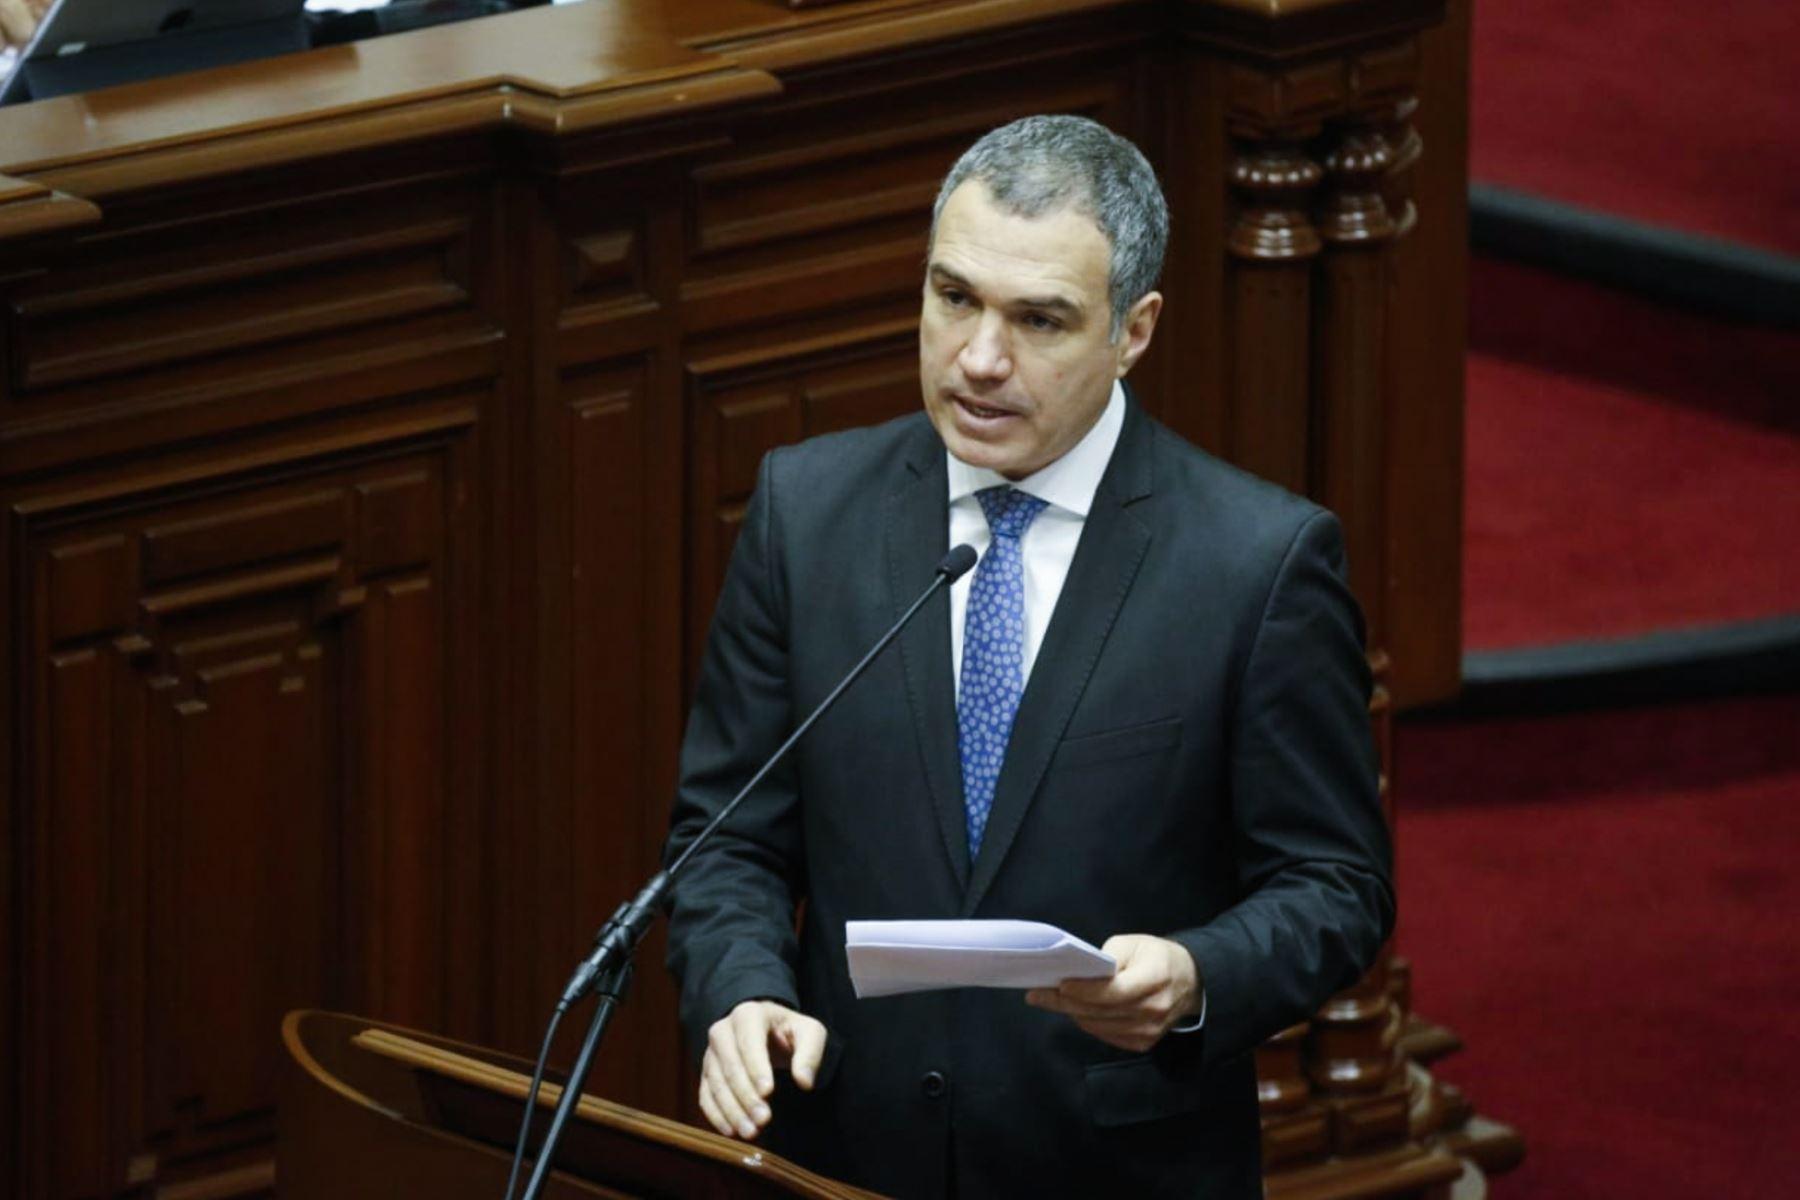 El presidente del Consejo de Ministros, Salvador del Solar, expone ante el Pleno del Congreso sobre el Plan Nacional por la Infancia.